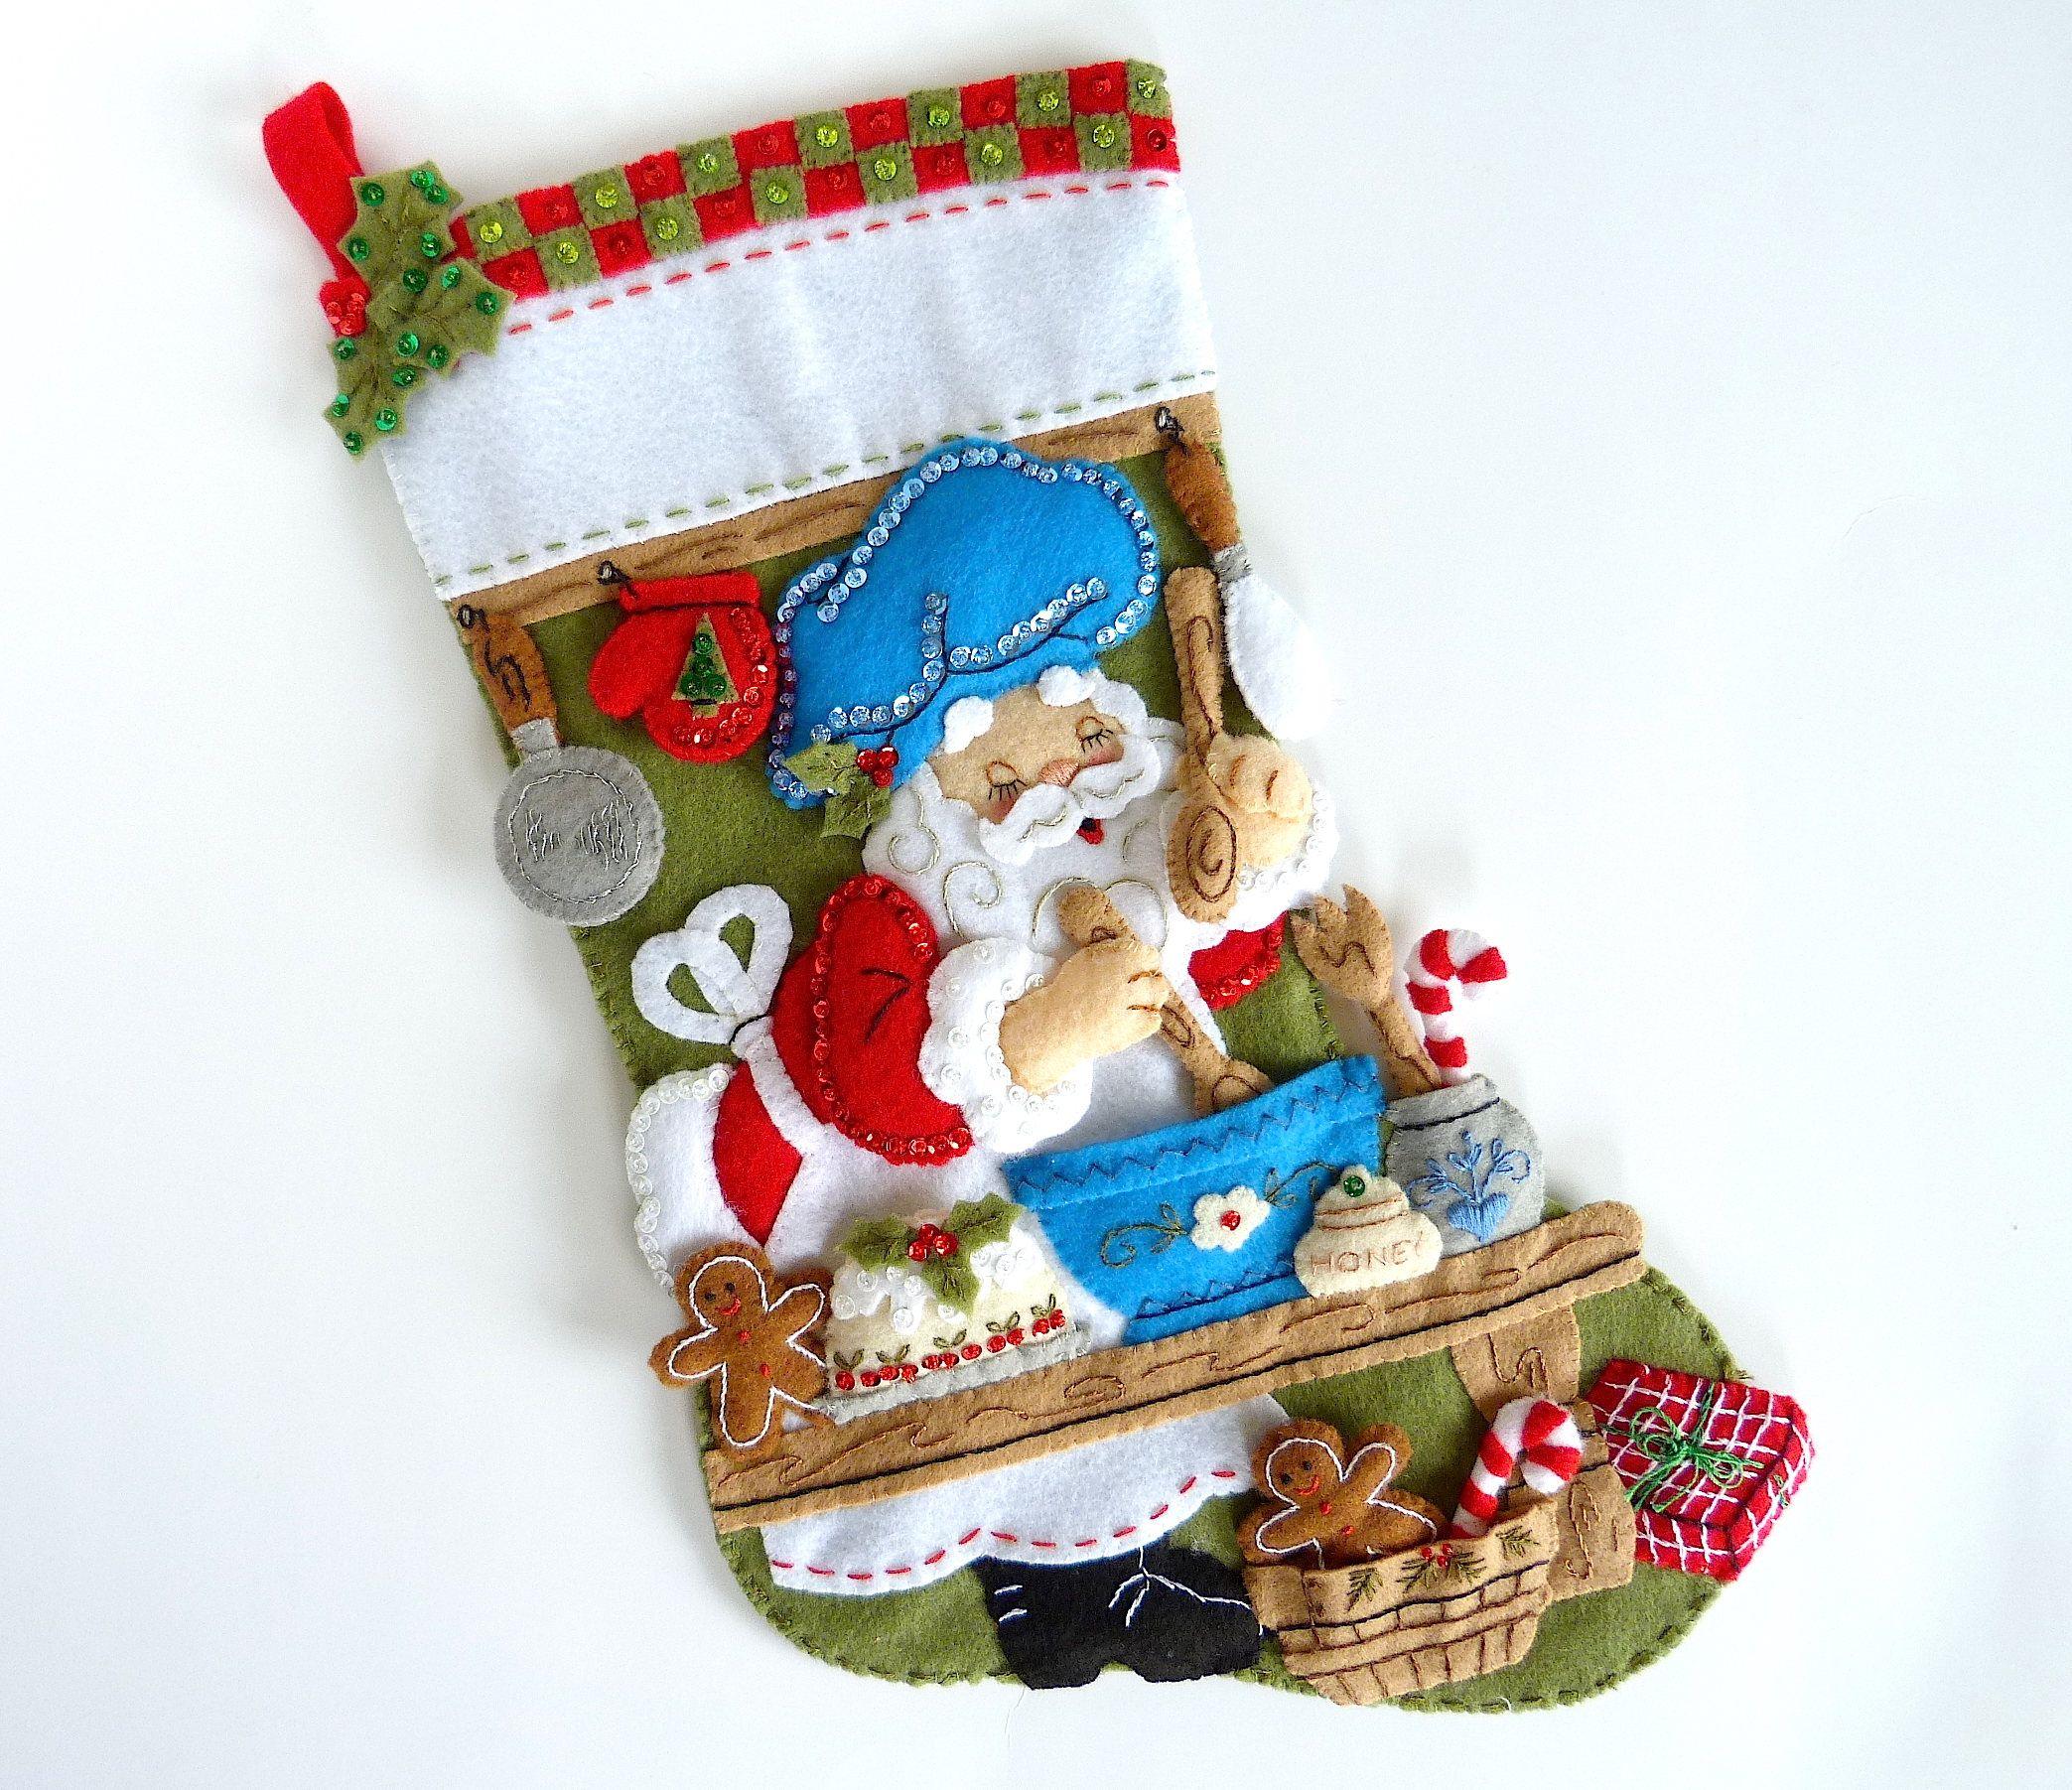 Bucilla Christmas Stocking Personalized Finished Bucilla Stocking ...